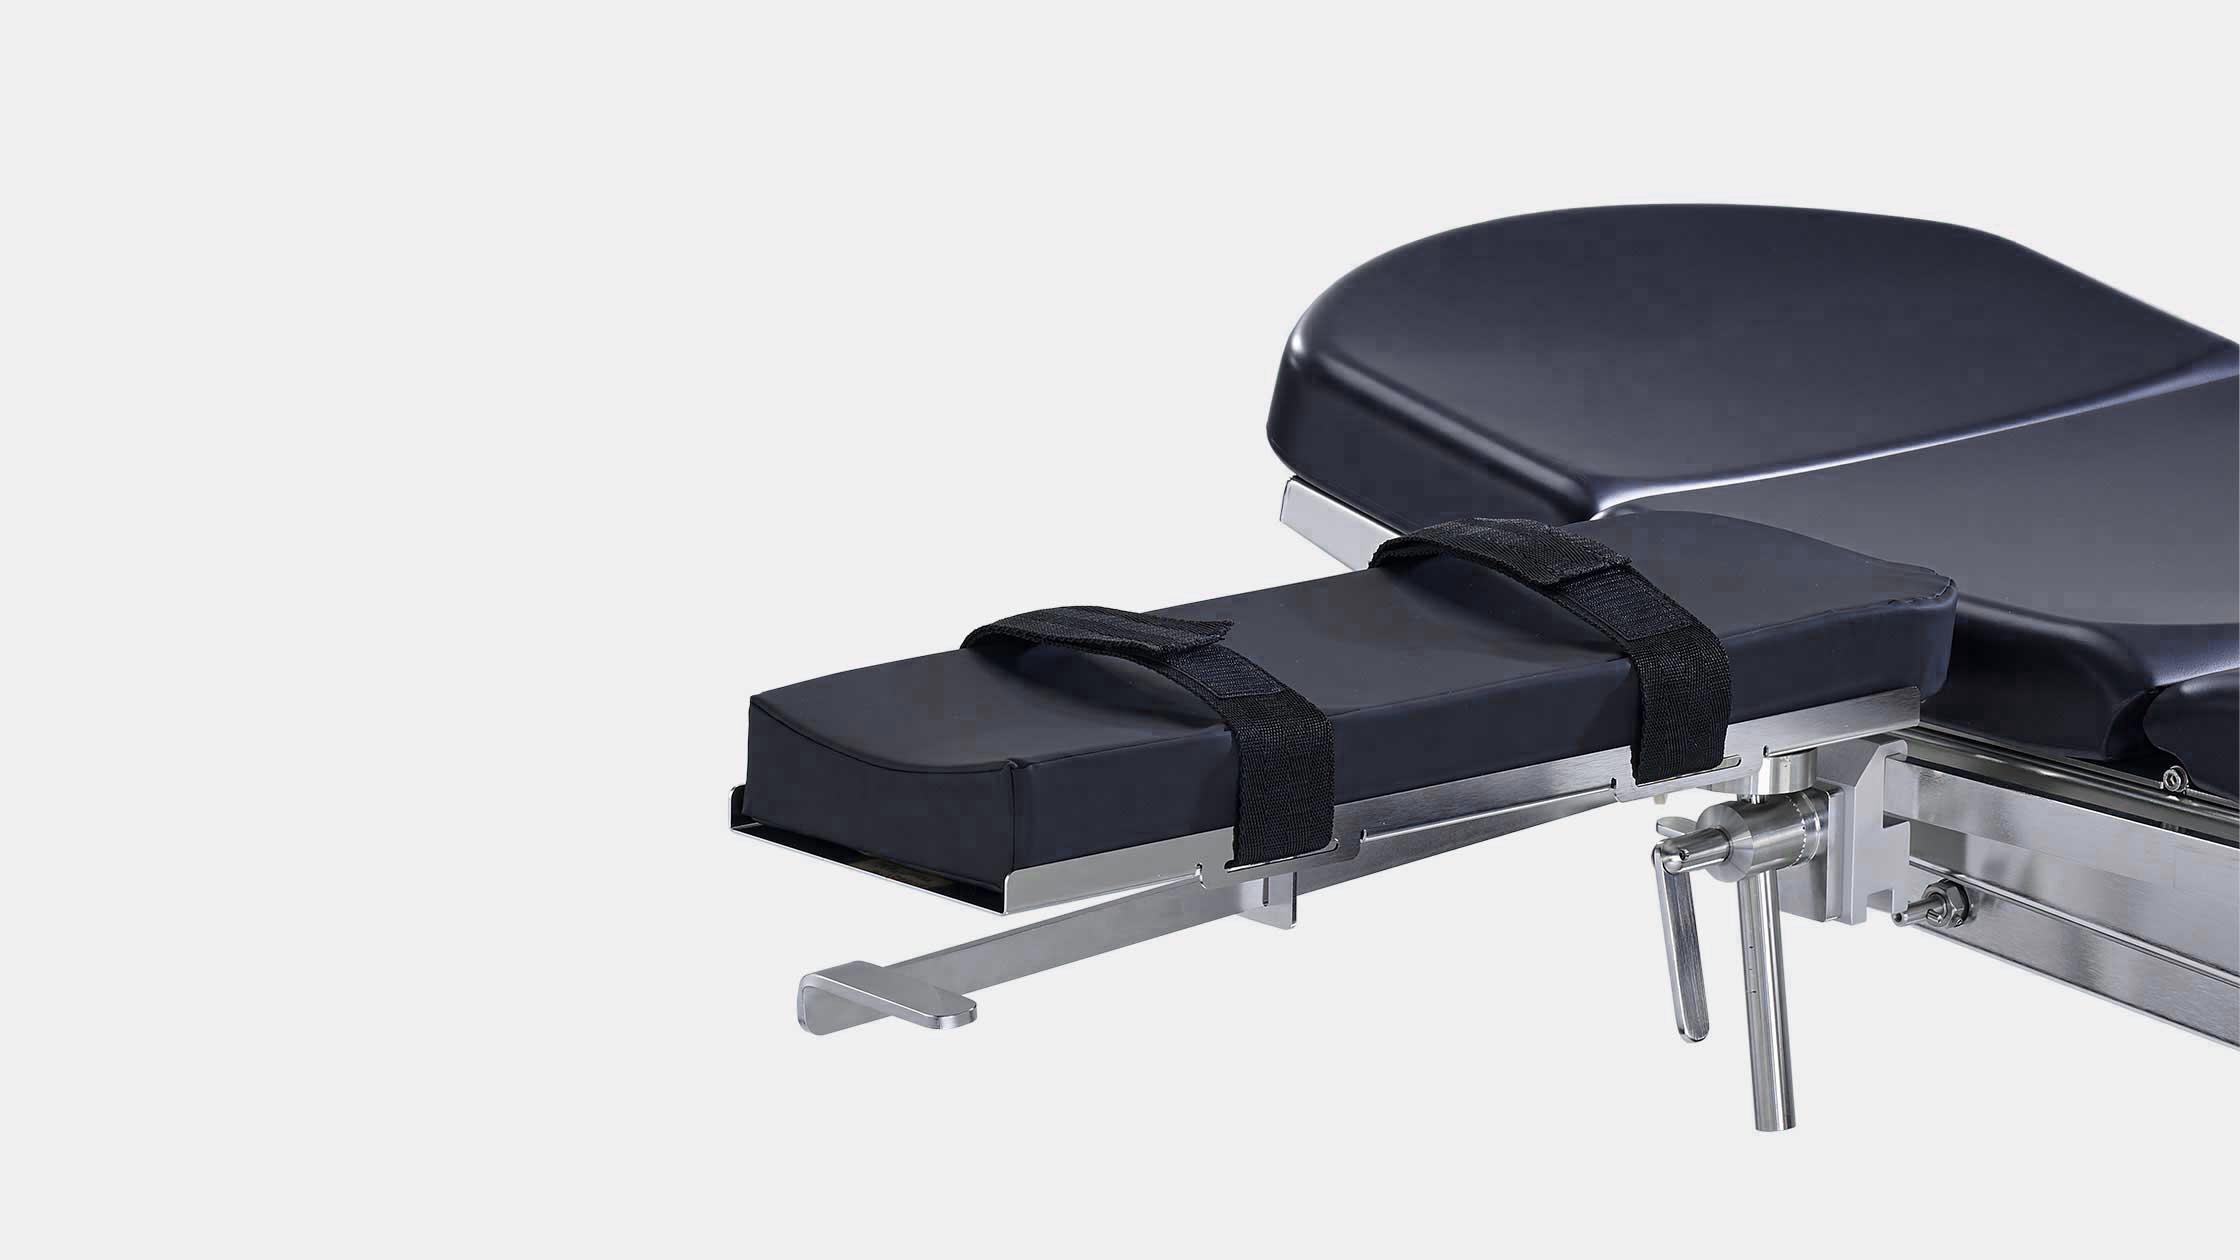 armauflage mit einhandbedienung und komfort-polster